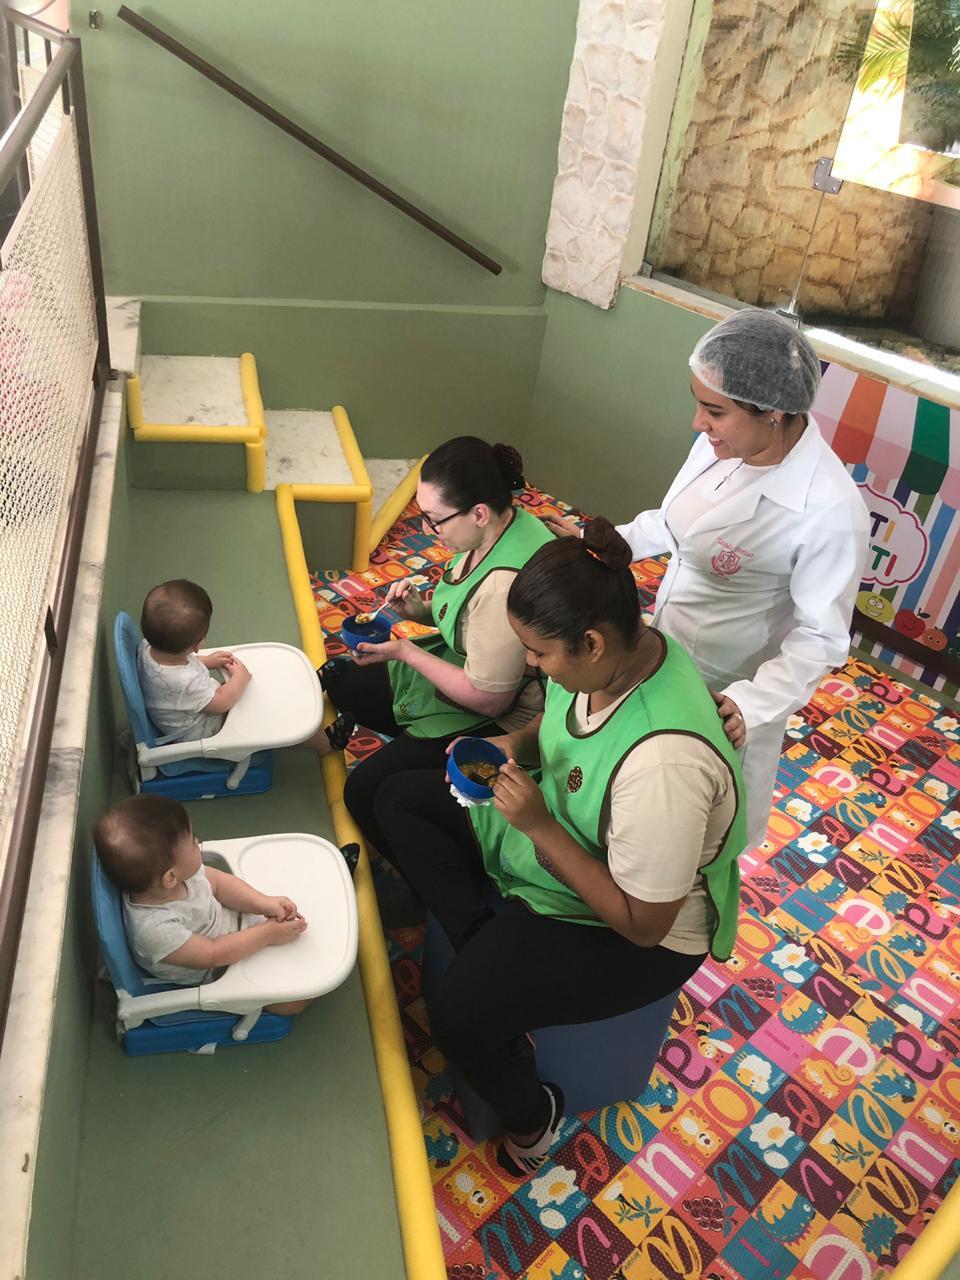 A imagem mostra duas cuidadoras dando de comer para dois bebes gêmeos, sentados em cadeirinhas especiais, no espaço tutti-frutti da Escola, enquanto a Nutricionista observa.